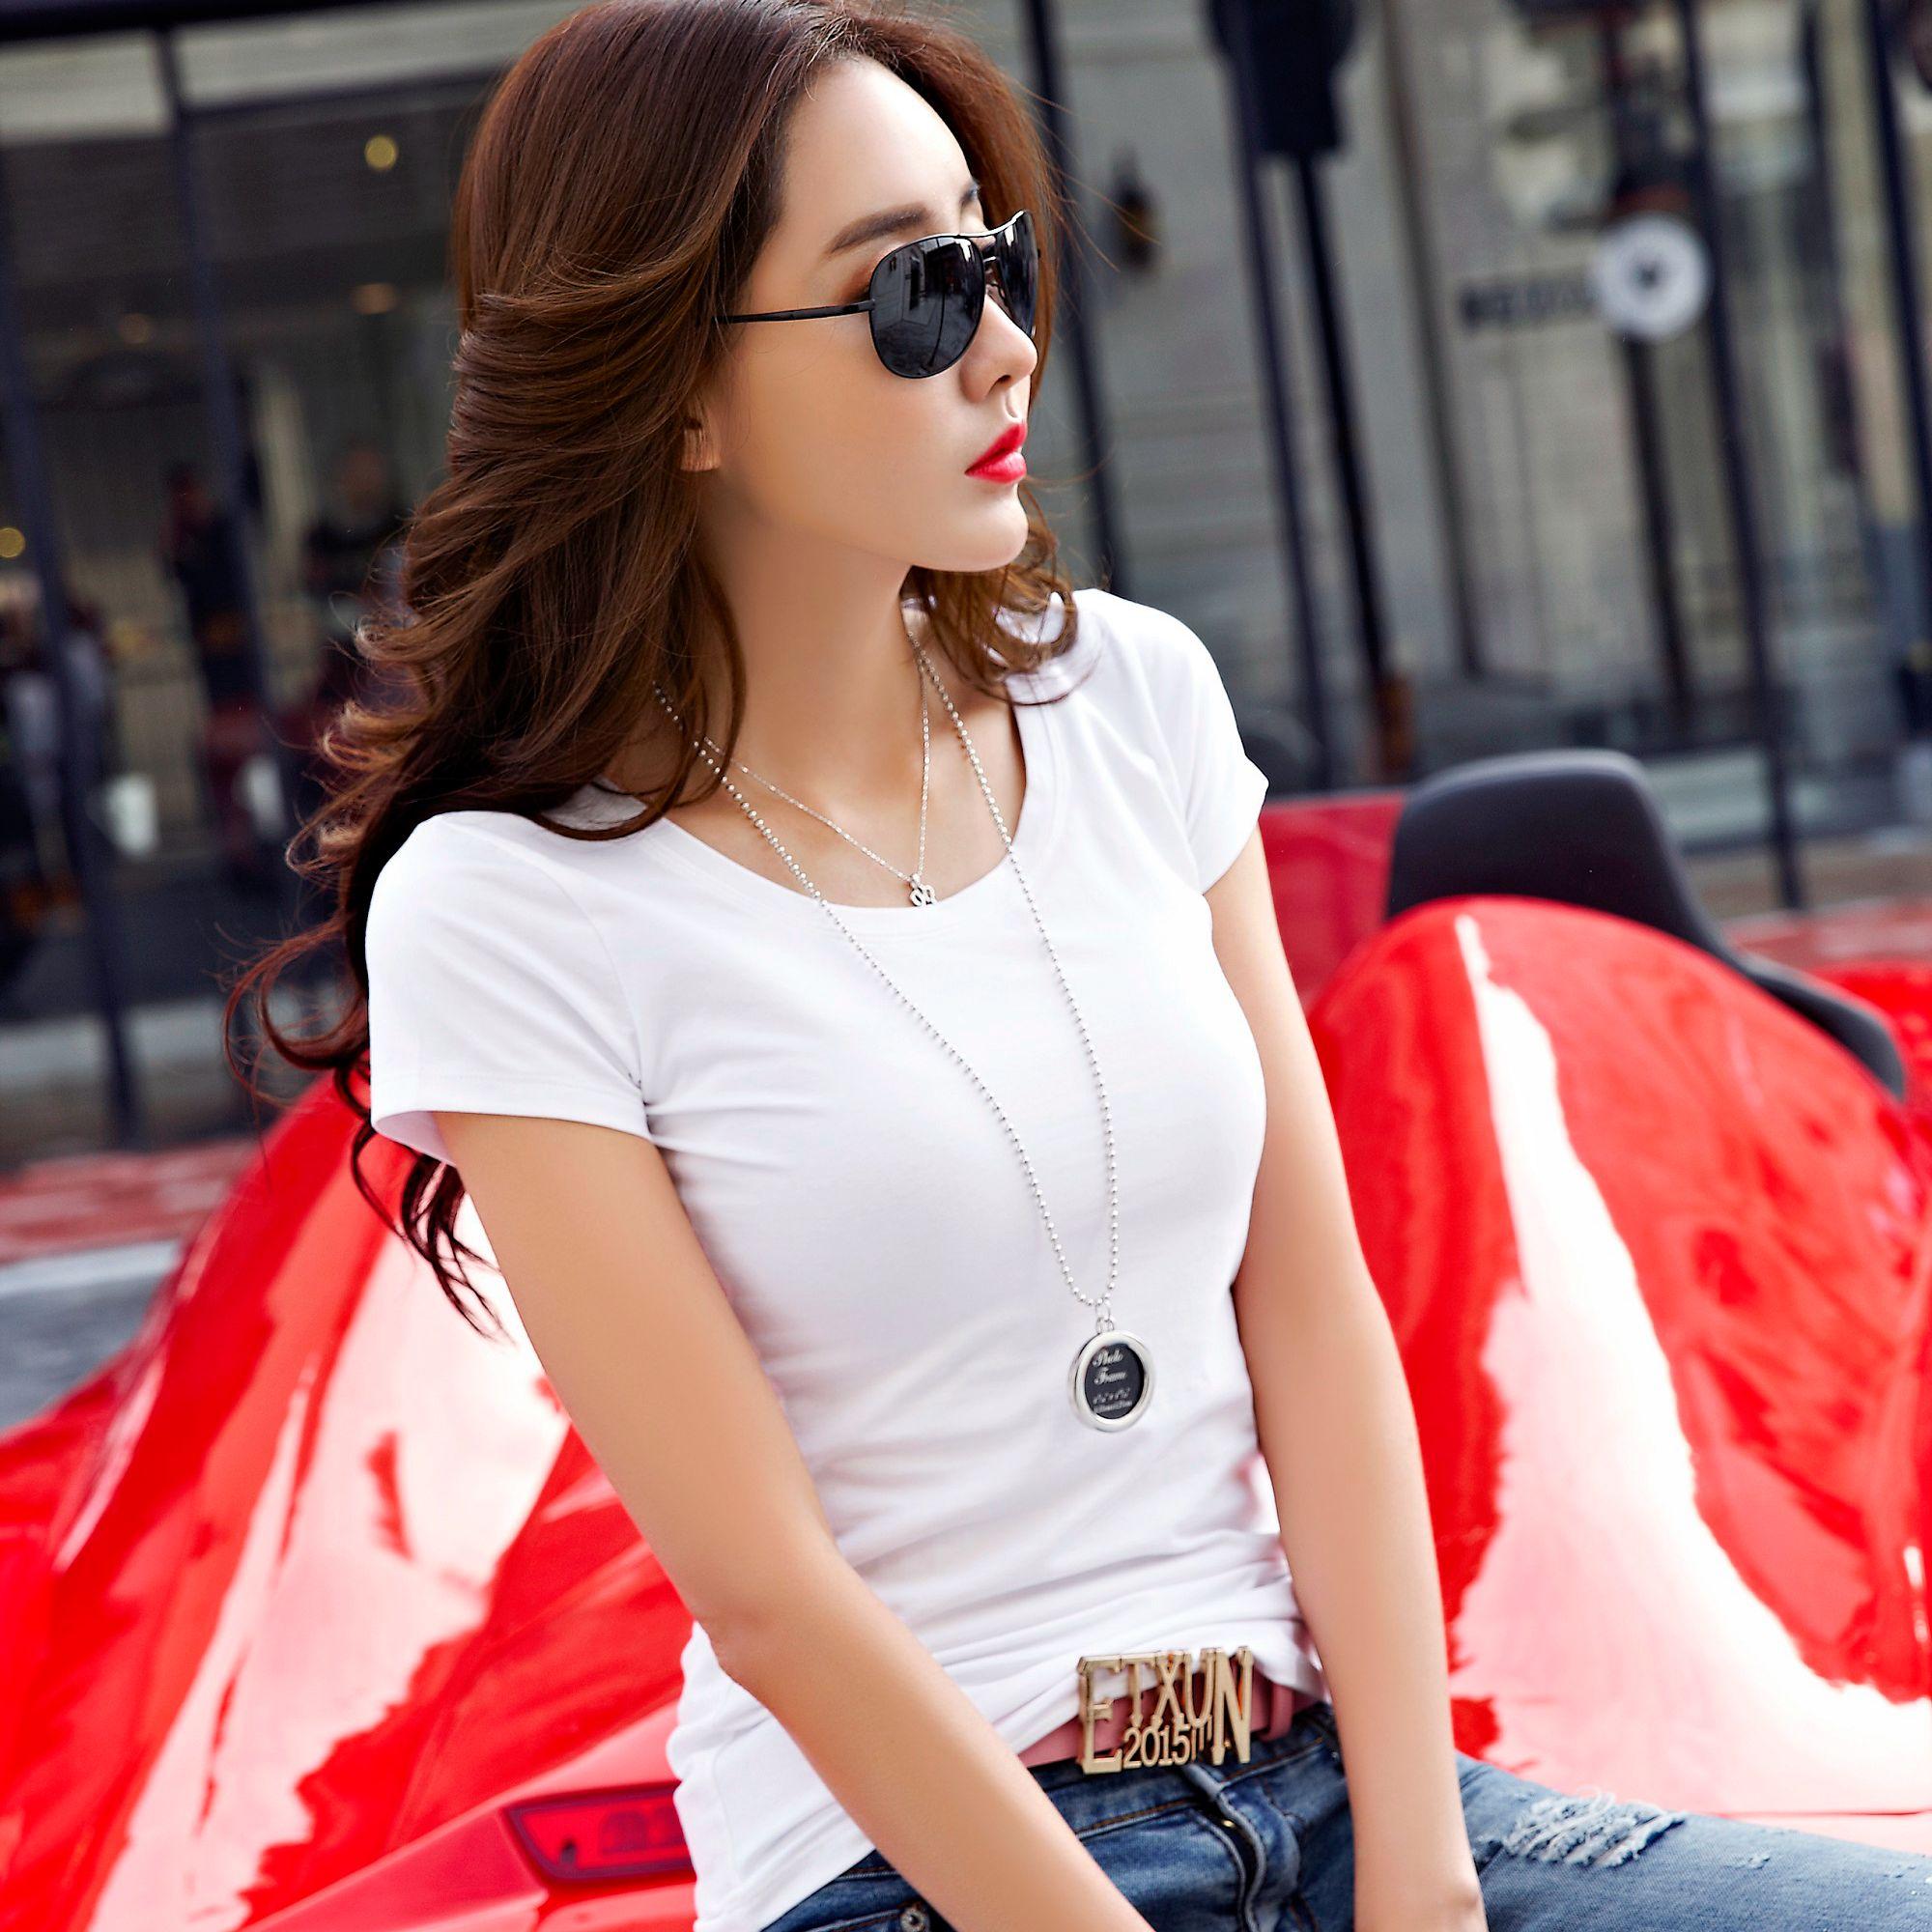 纯棉t恤 韩版白色纯棉圆领短袖T恤女夏装上衣修身纯色百搭打底衫简约体恤_推荐淘宝好看的女纯棉t恤